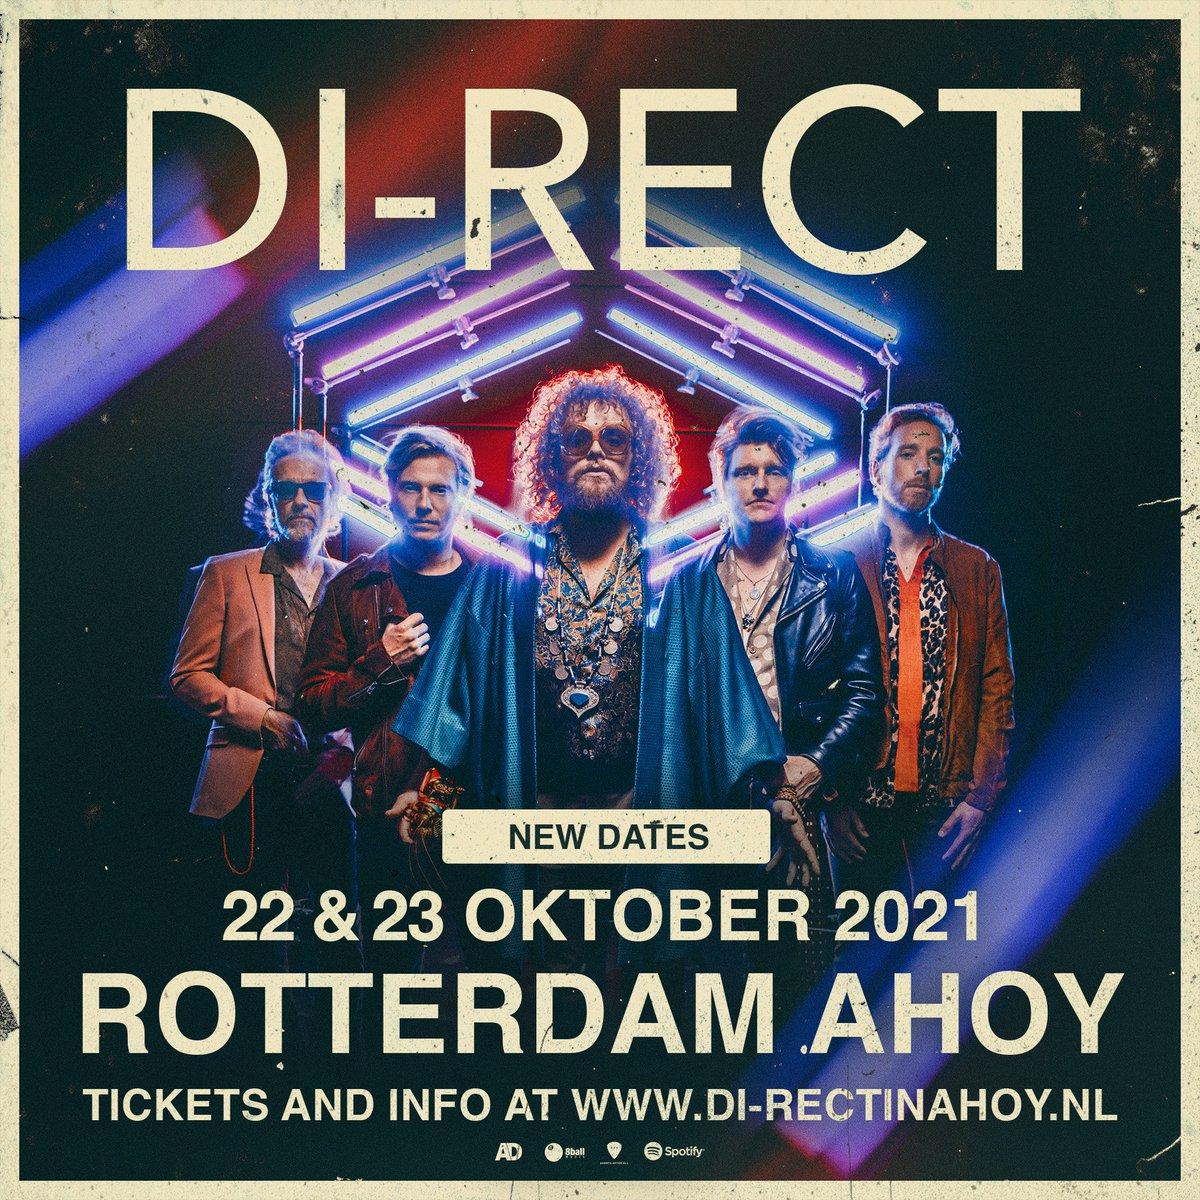 Di-rect_Ahoy